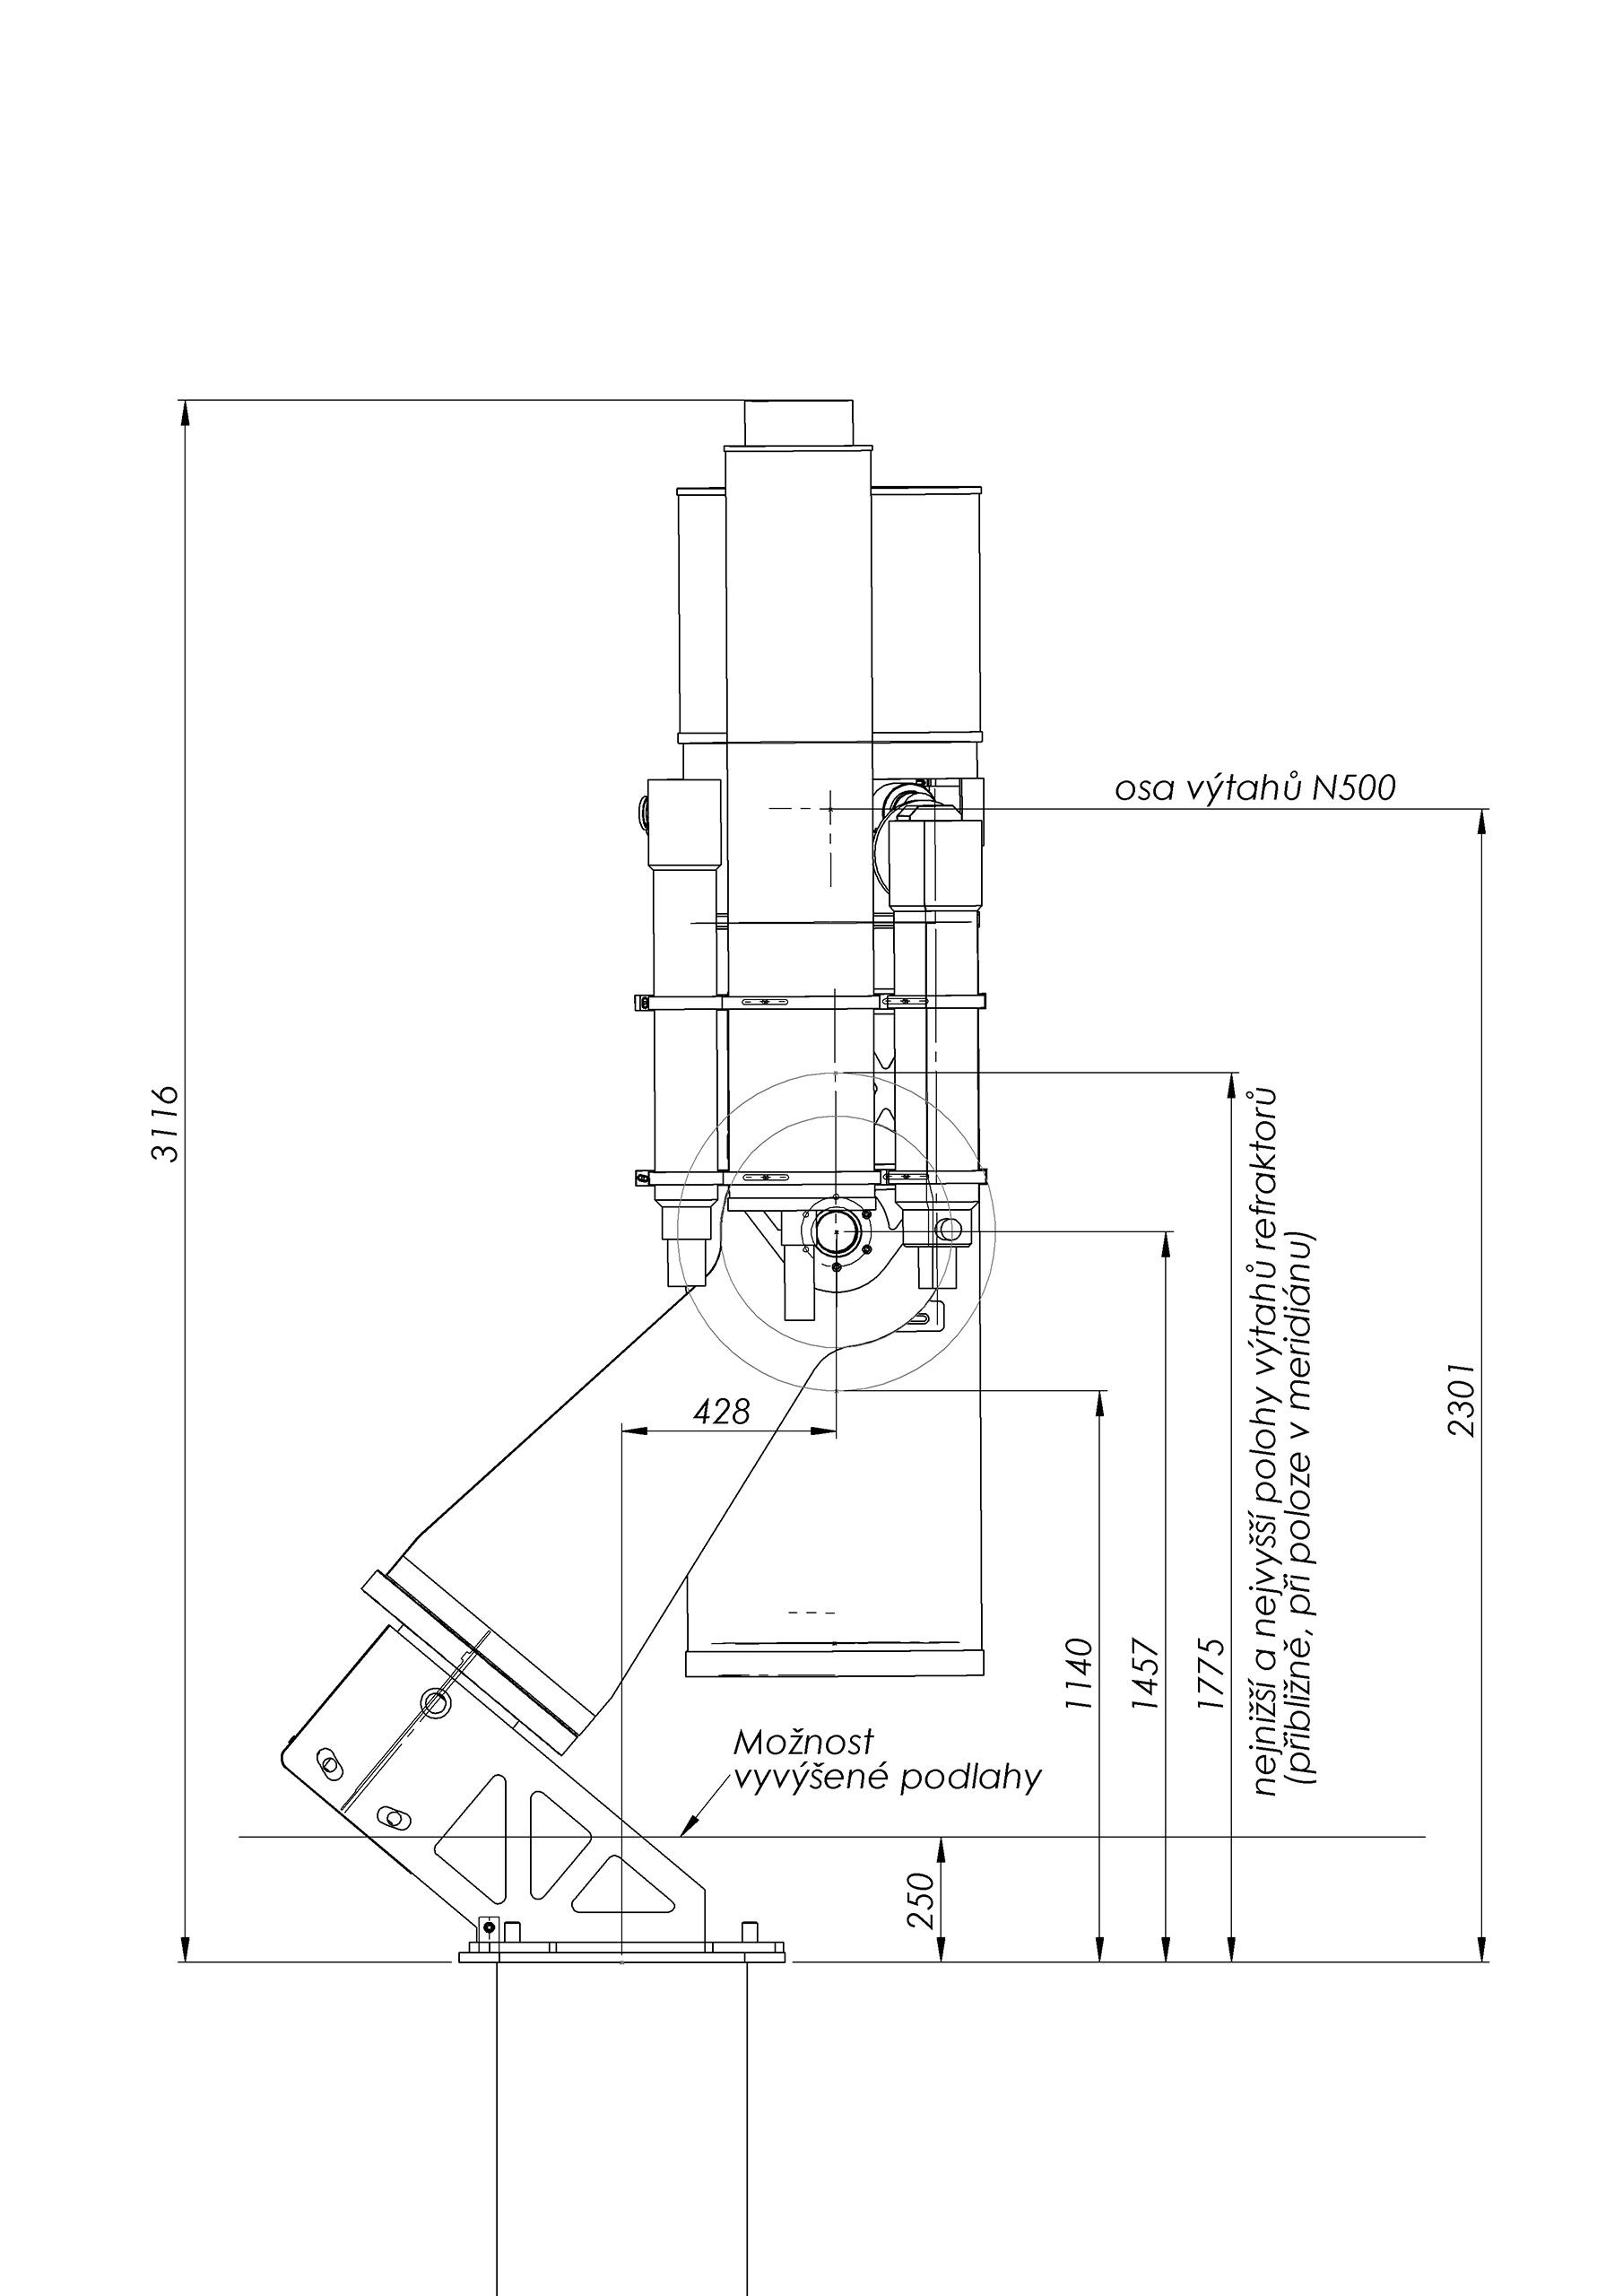 rozměry montáže a polohy výtahů